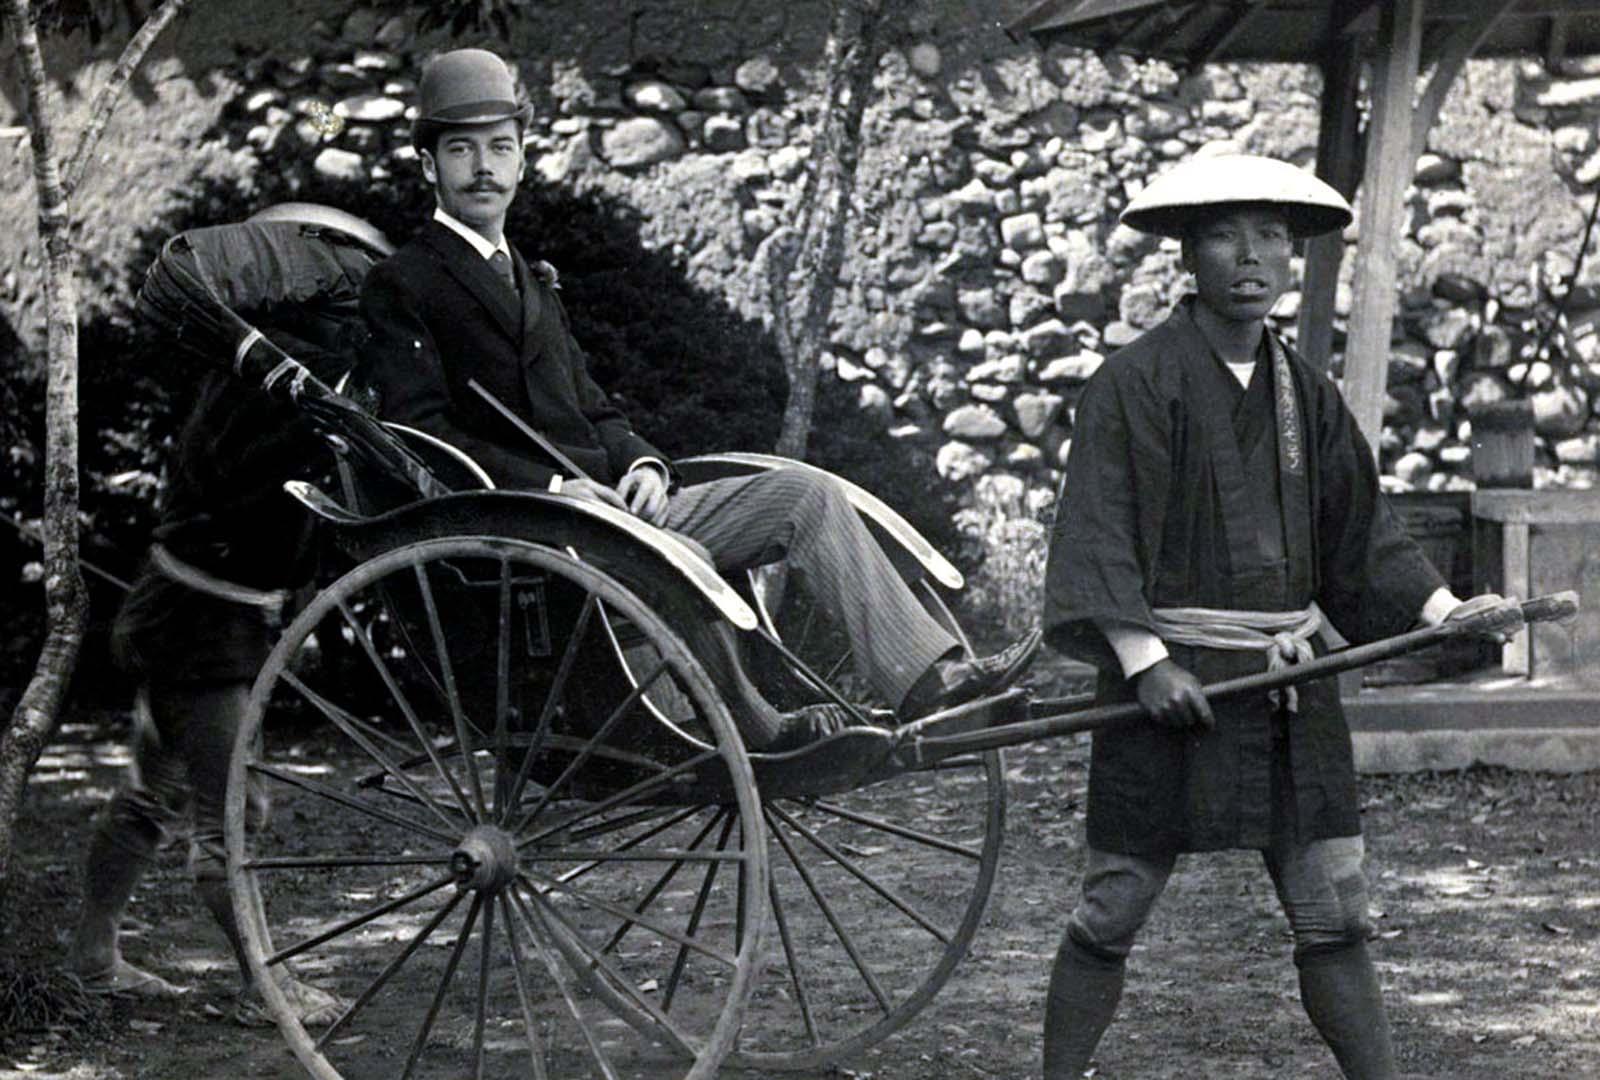 Tsarevich Nicholas (futuro zar Nicolás II) en Nagasaki durante su viaje al este, 1891.